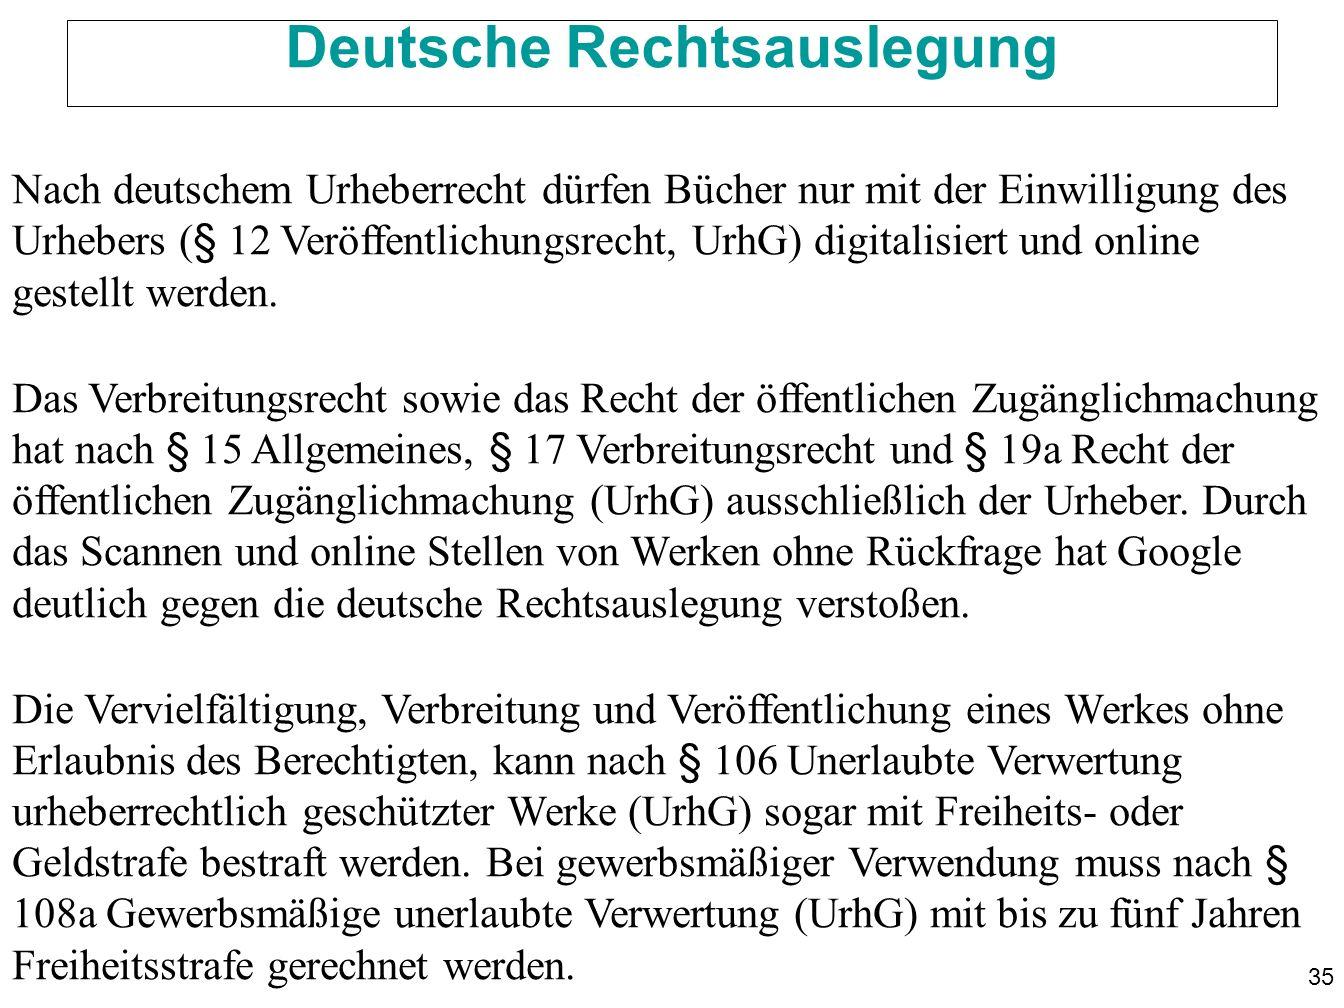 35 Deutsche Rechtsauslegung Nach deutschem Urheberrecht dürfen Bücher nur mit der Einwilligung des Urhebers (§ 12 Veröffentlichungsrecht, UrhG) digita